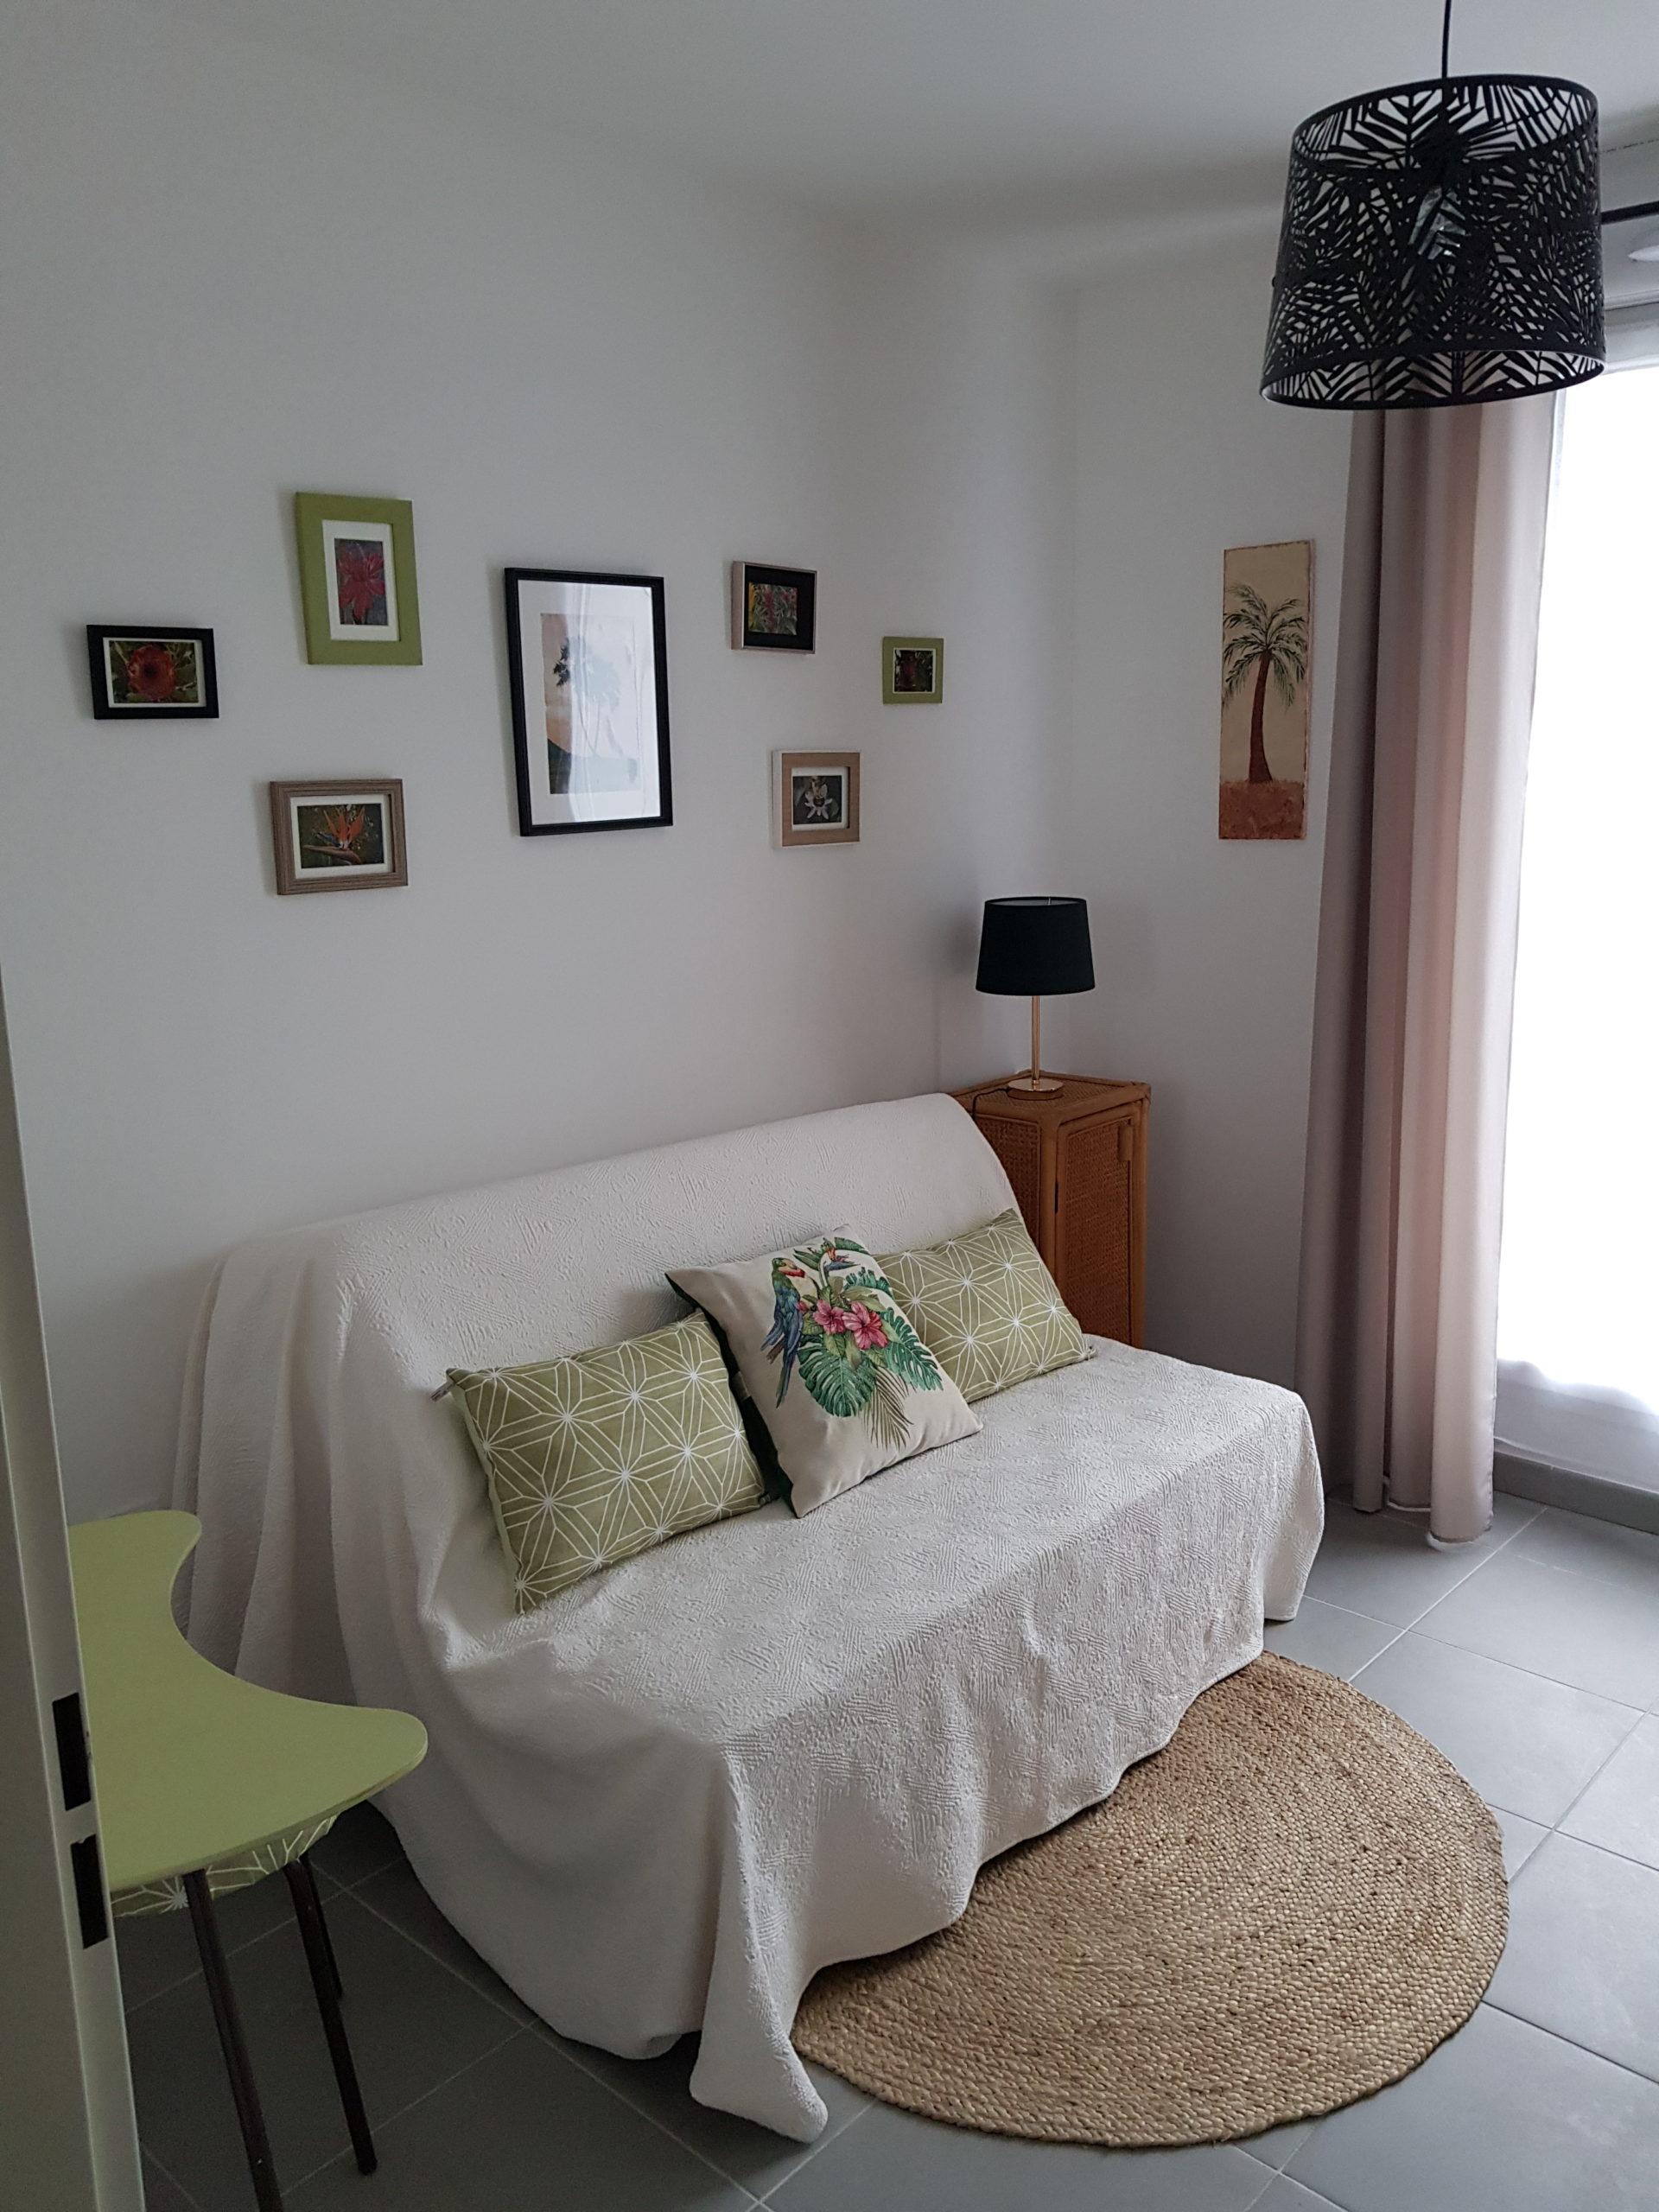 chambre d'ami exotique karine-décoration